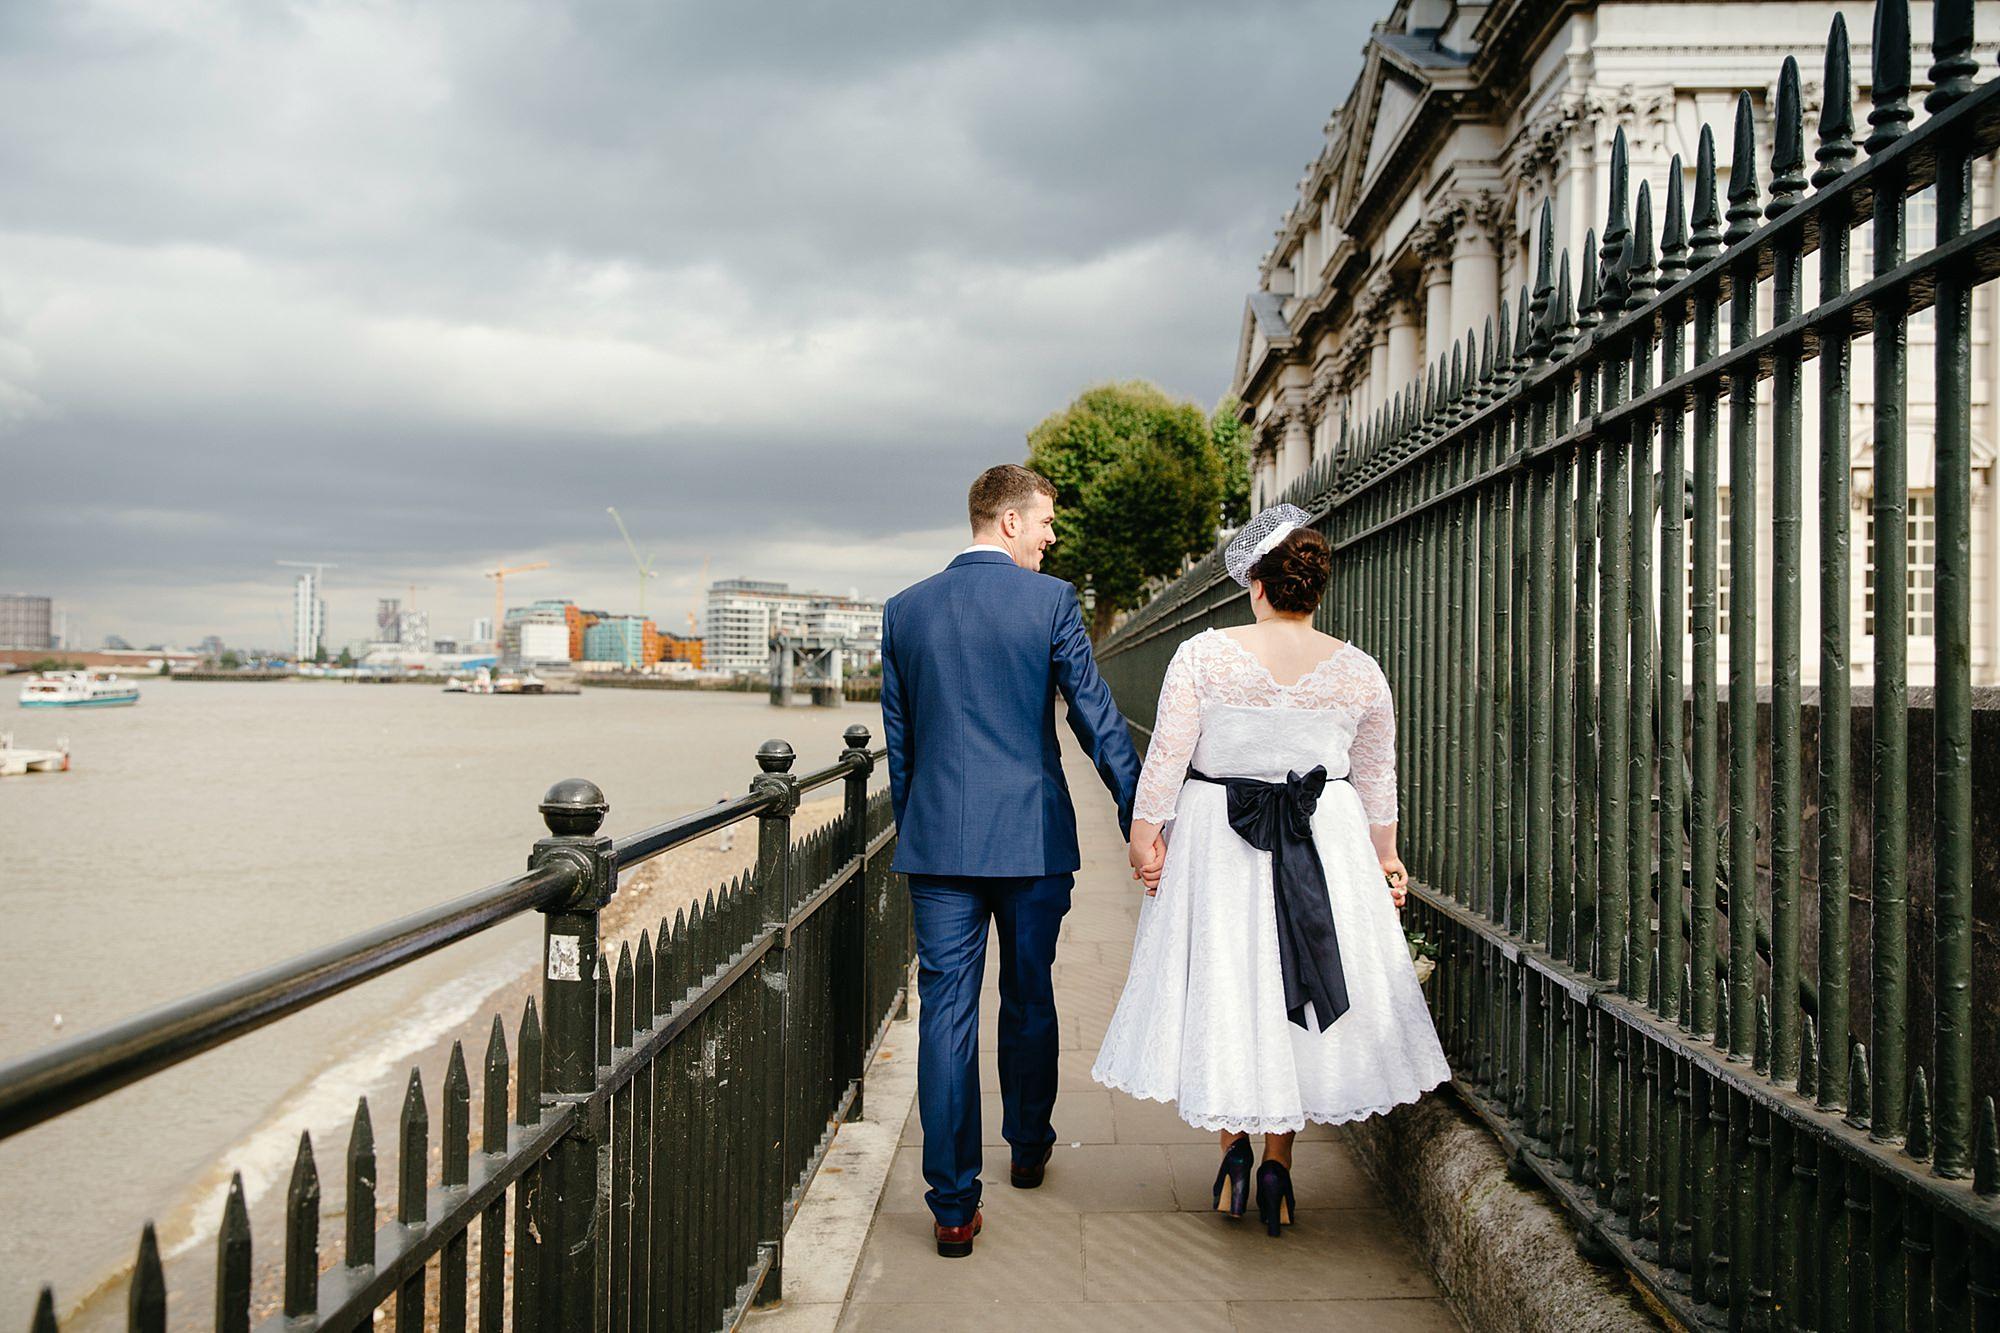 Trafalgar Tavern wedding bride and groom walk by the Thames river